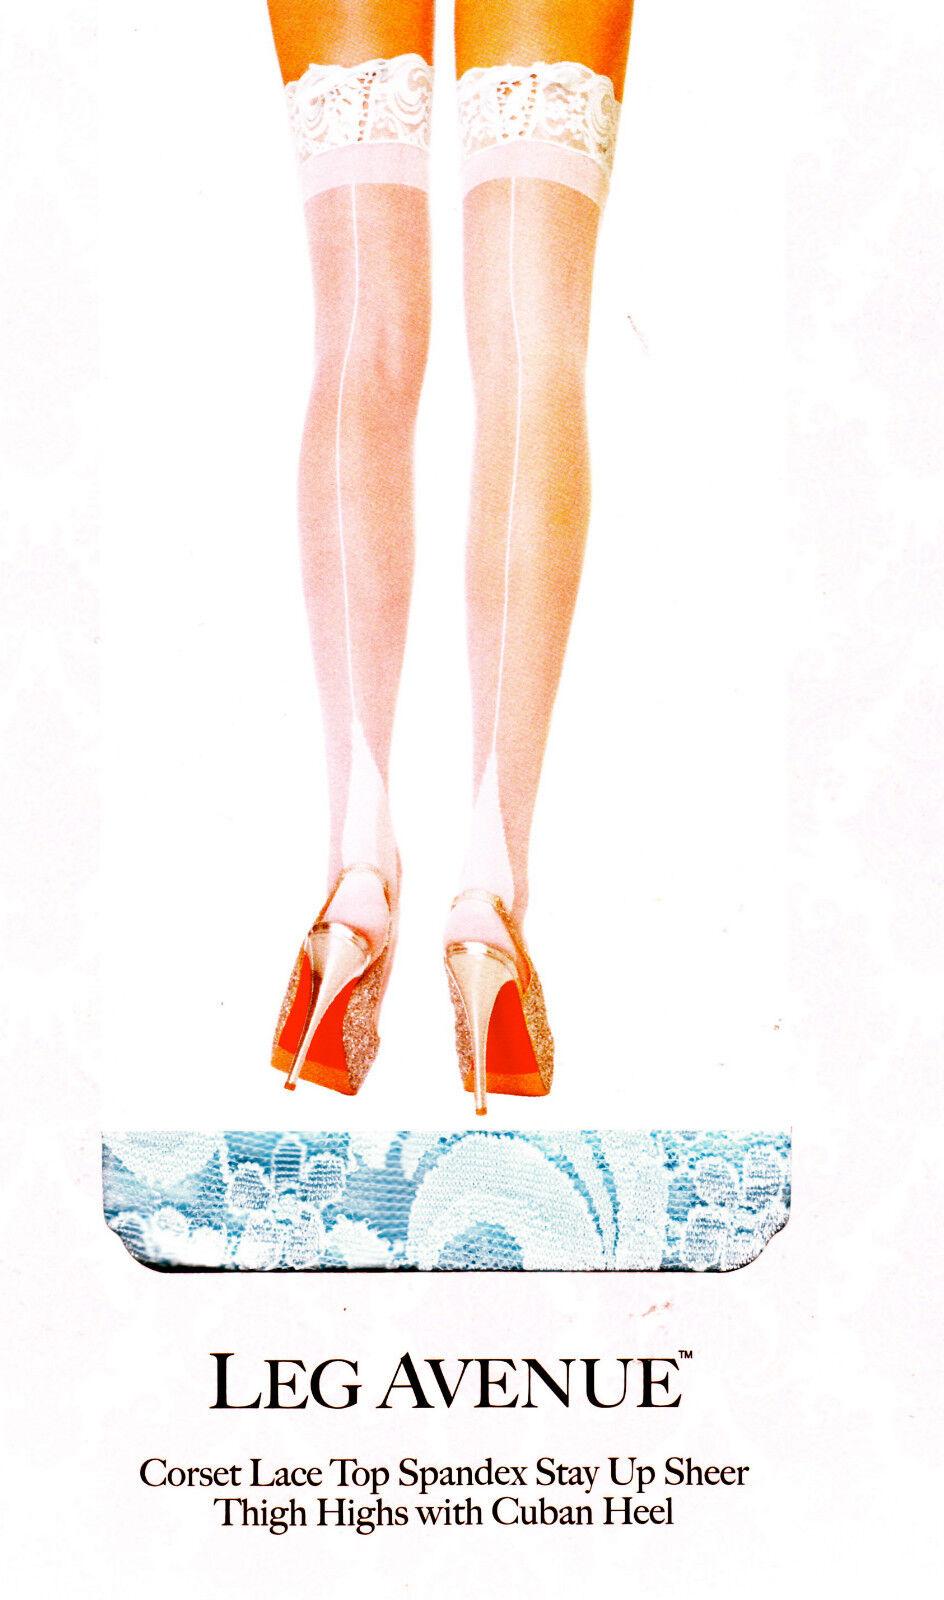 Édition limitée LEG AVENUE corset haut dentelle TALON CUBAIN CONTRASTE